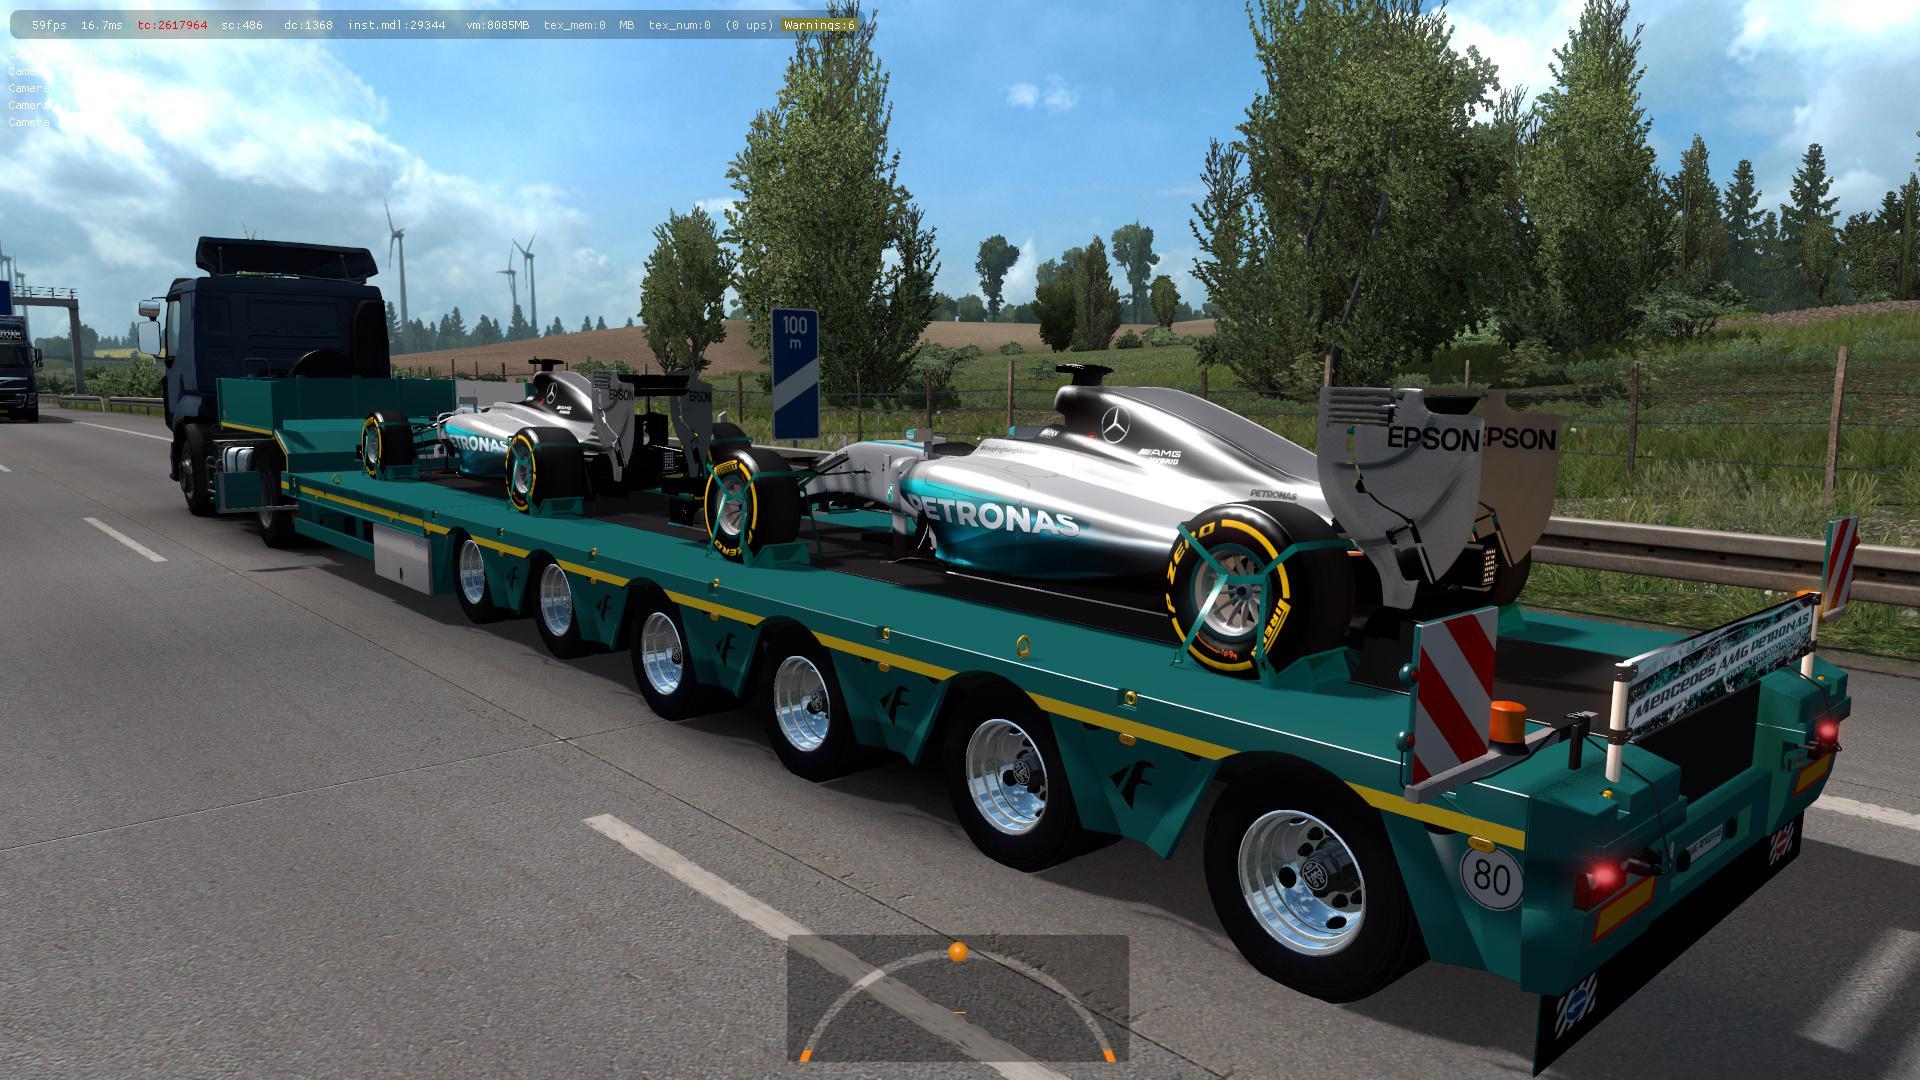 ETS2 - Mercedes AMG Petronas in Traffic Mod (1.36.x)